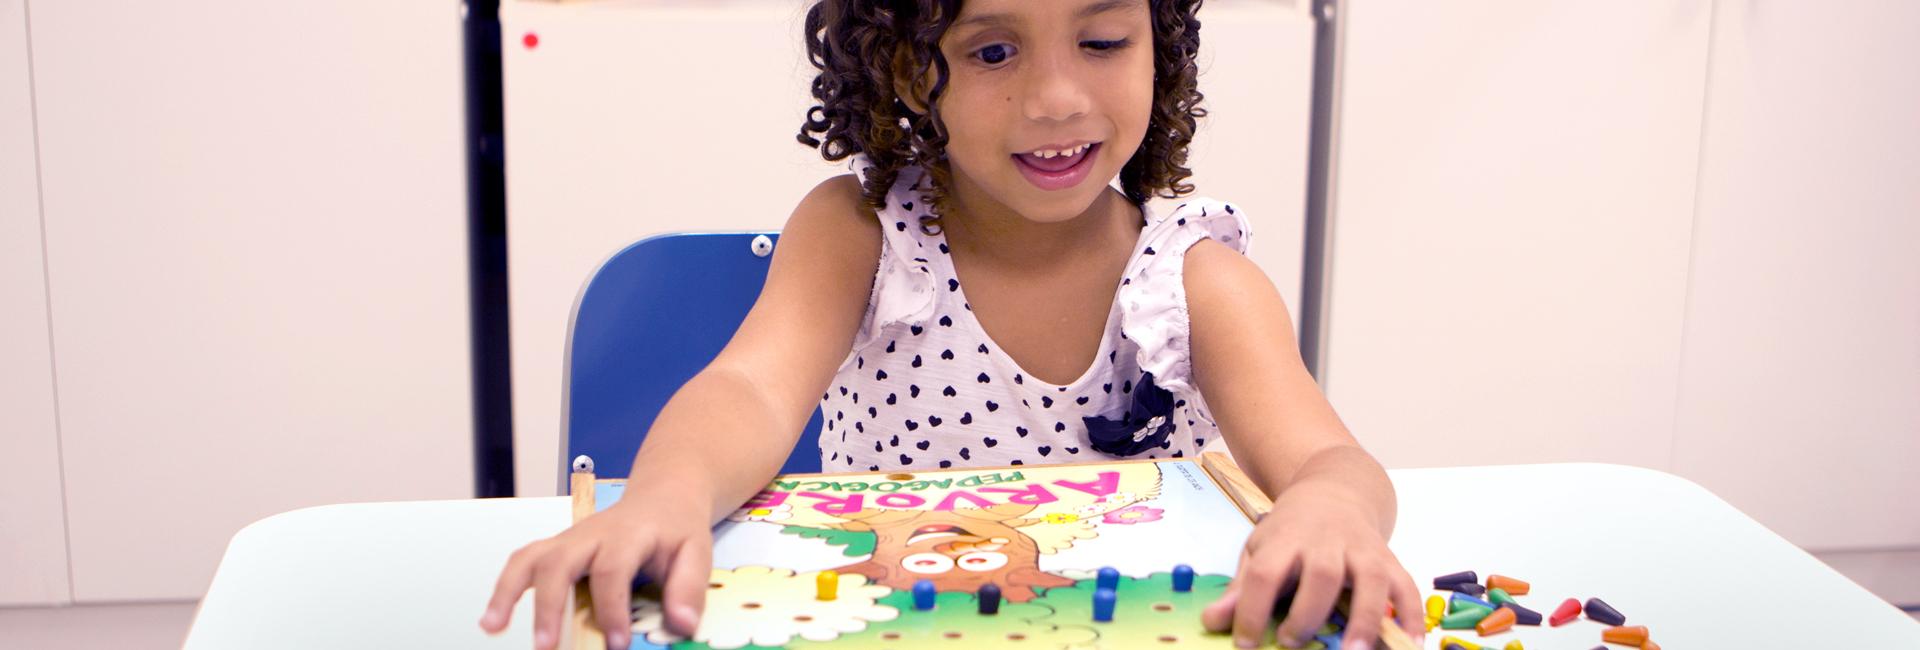 Foto de uma criança com deficiência visual atendida pela fundação Dorina. Ela está sorrindo com um brinquedo educativo numa mesa.